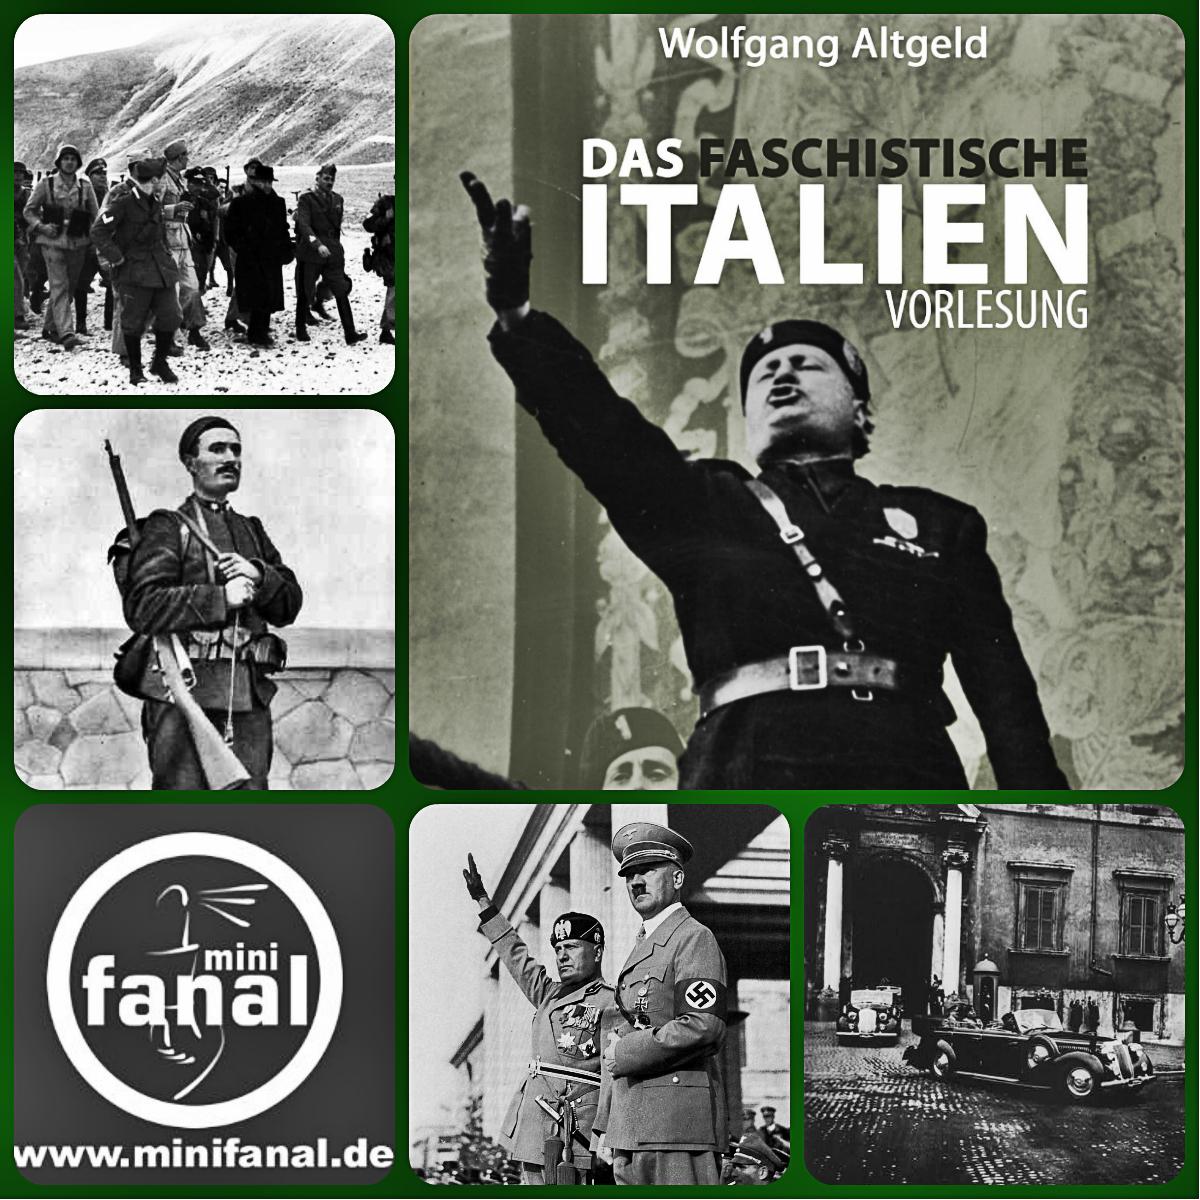 VL Das faschistische Italien